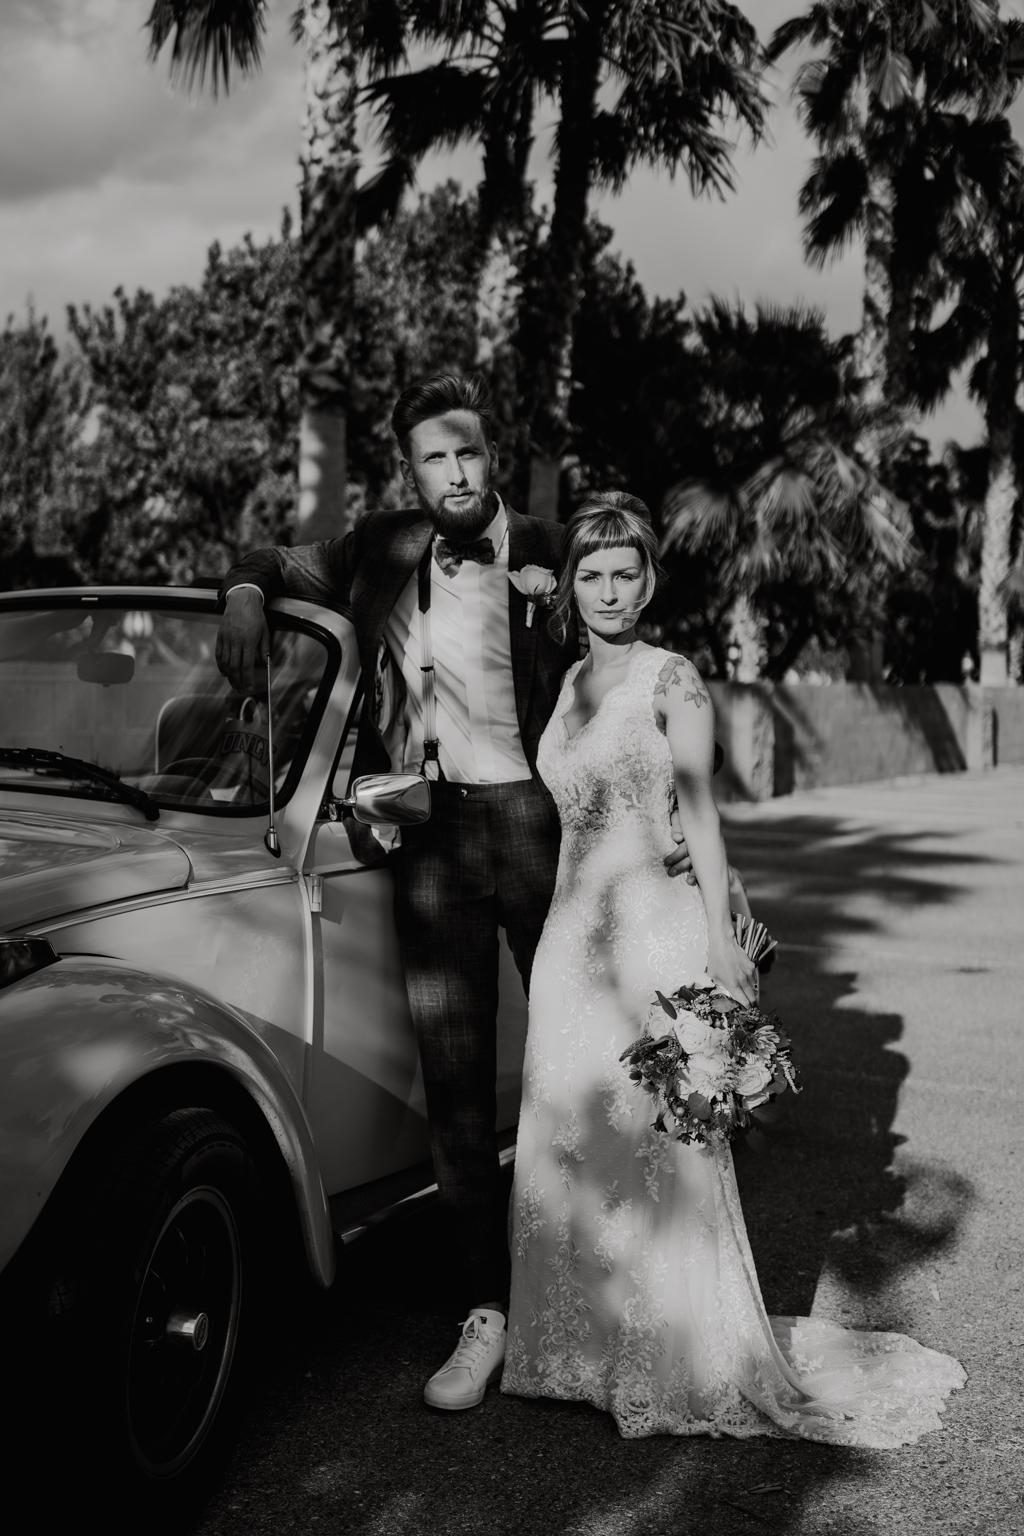 trouweninhetbuitenland_huwelijksfotografie_roxannedankers-53.jpg